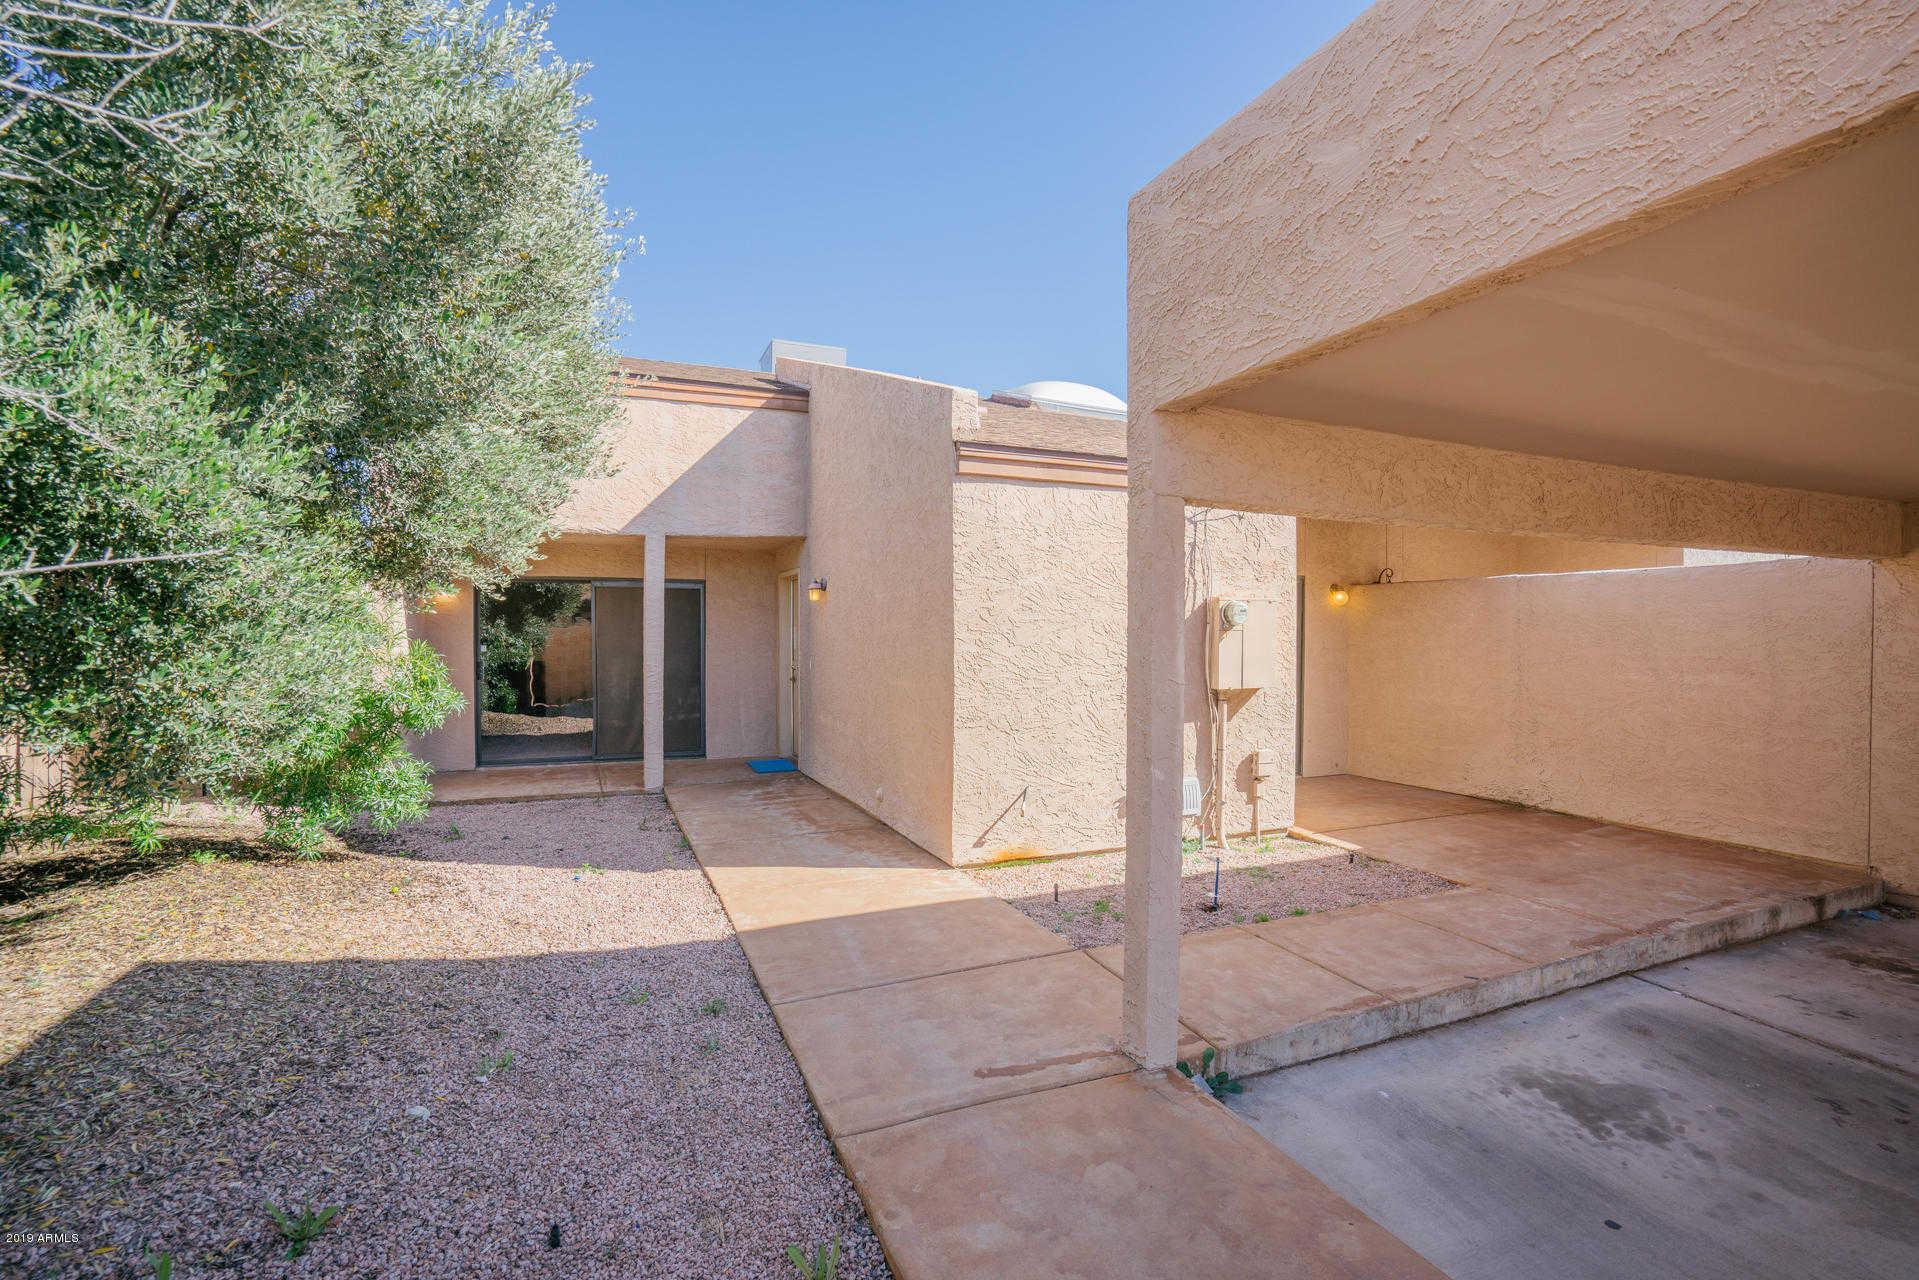 $277,000 - 2Br/2Ba -  for Sale in Pima Villas Condominiums Unit 101-112, Scottsdale